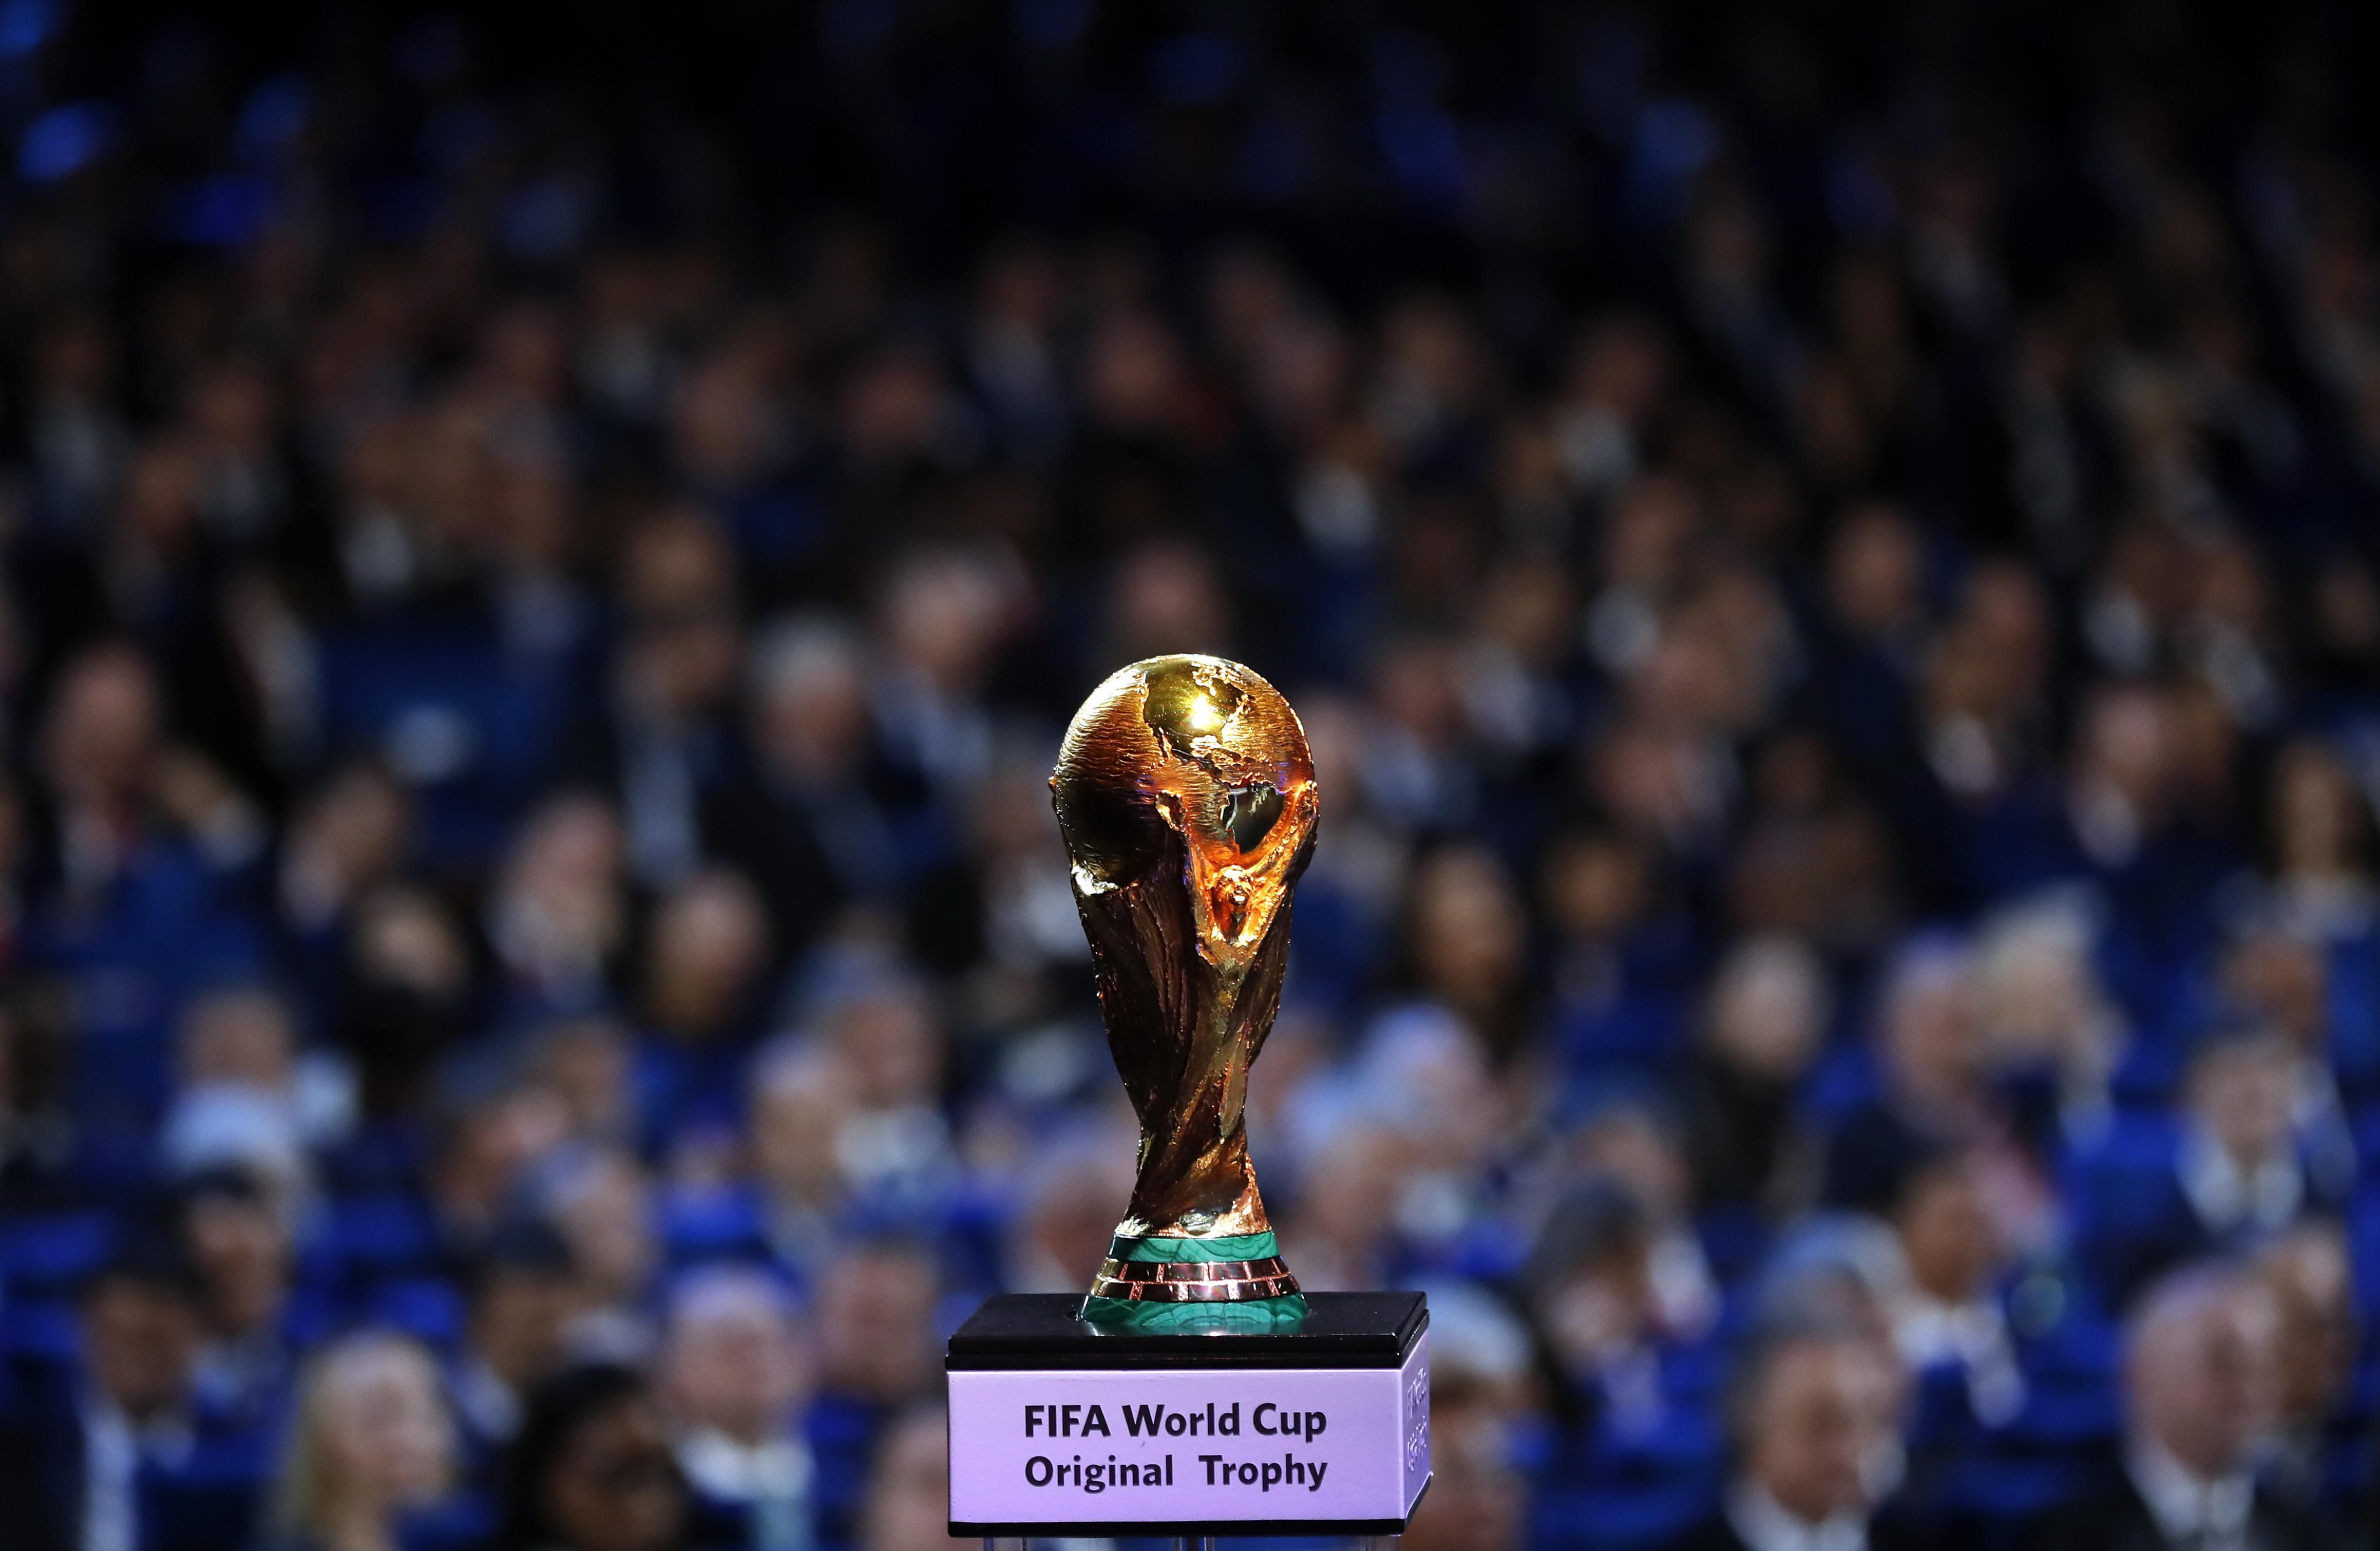 Morocco Bid Includes 16 Billion For 2026 World Cup Venues